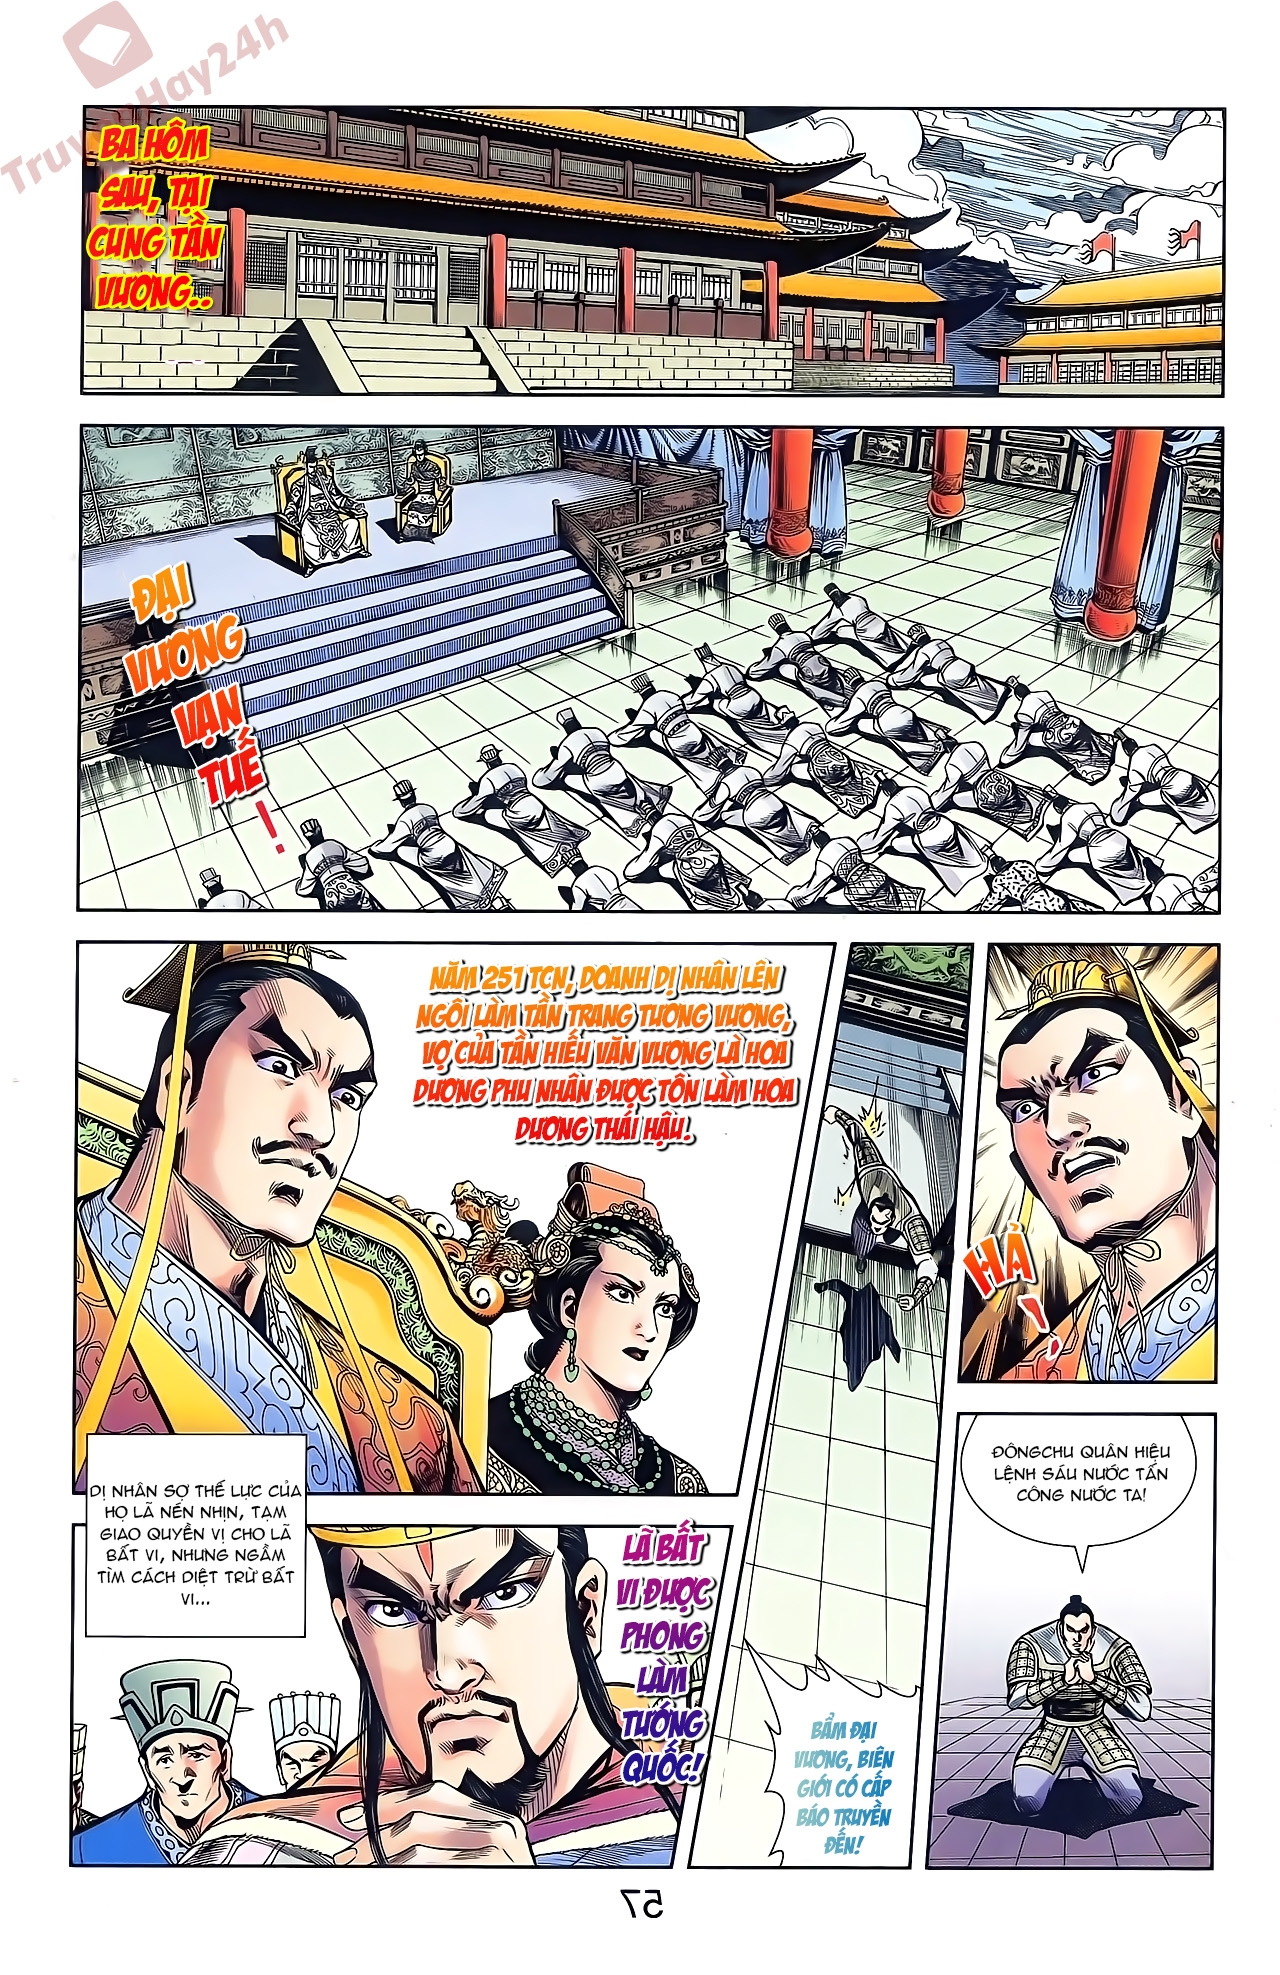 Tần Vương Doanh Chính chapter 44 trang 9